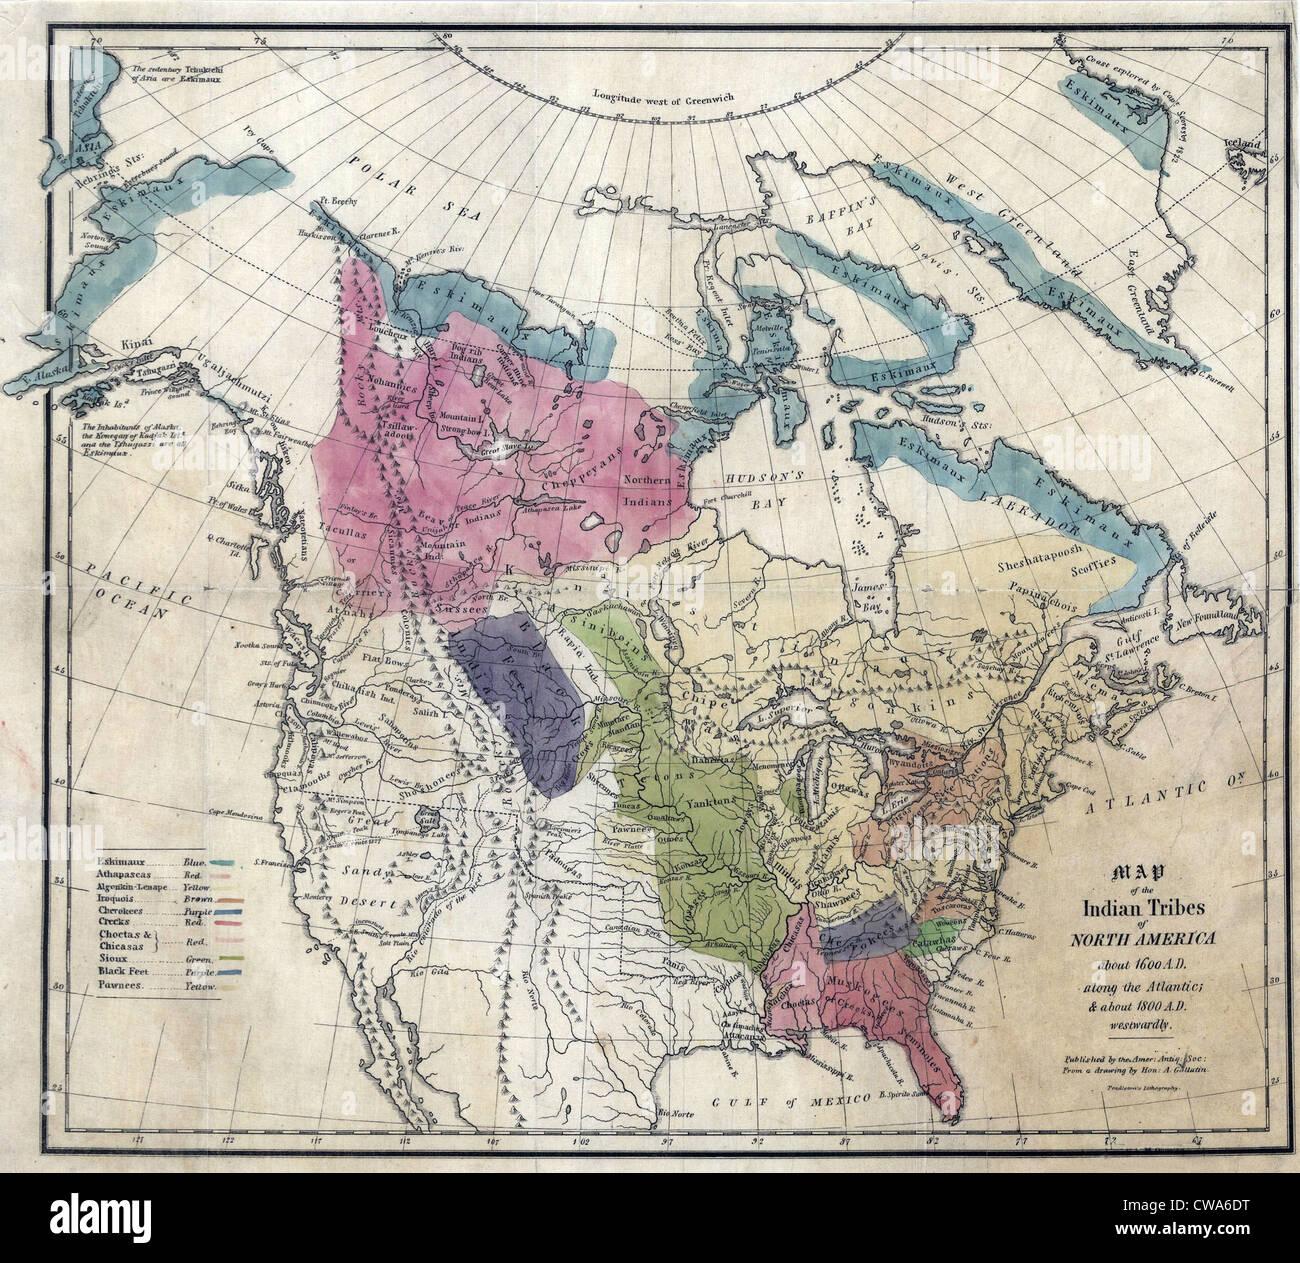 1836 Karte Der Indianerstamme Nordamerikas Etwa 1600 N Chr